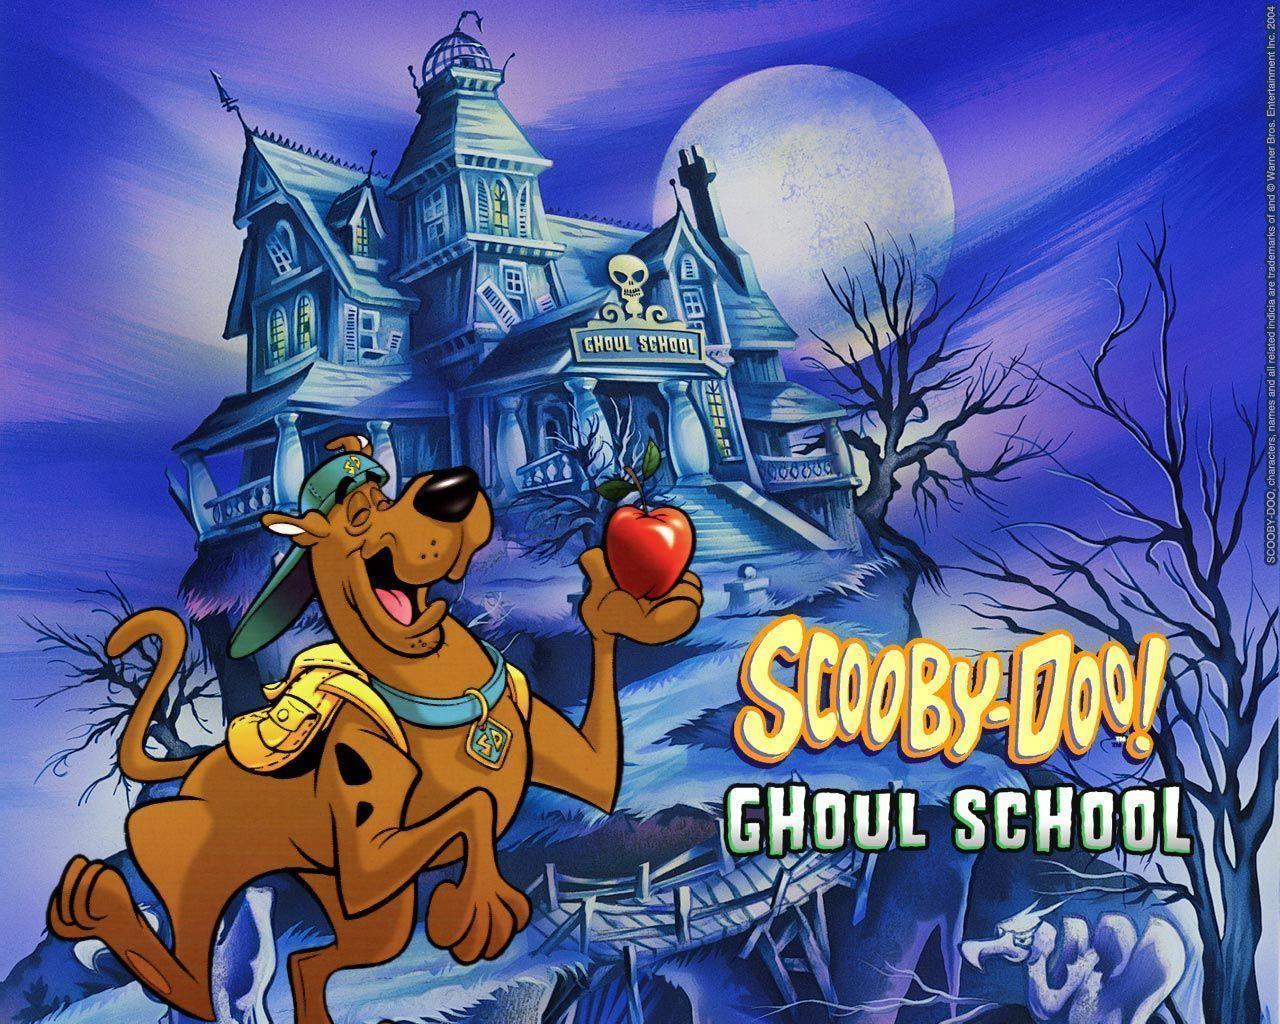 Scooby Doo Wallpapers - Wallpaper Cave